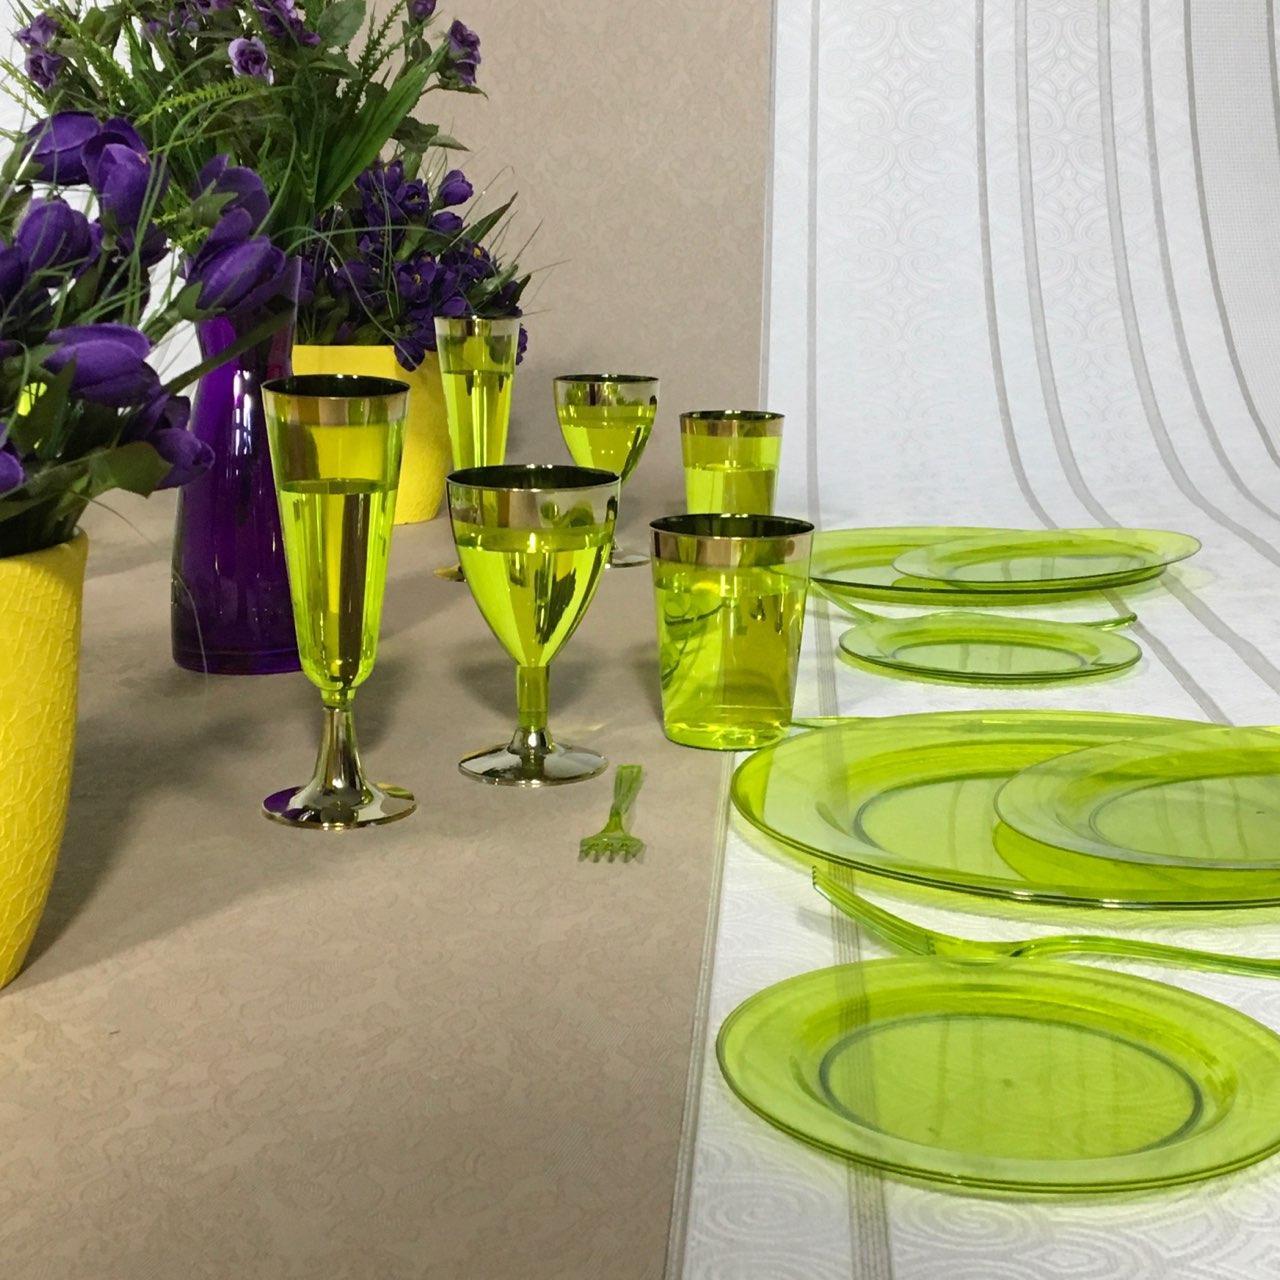 Стаканы пластиковые многоразовые для свадьбы, плотные. Коллекция «Классико» CFP 6 шт 220 мл